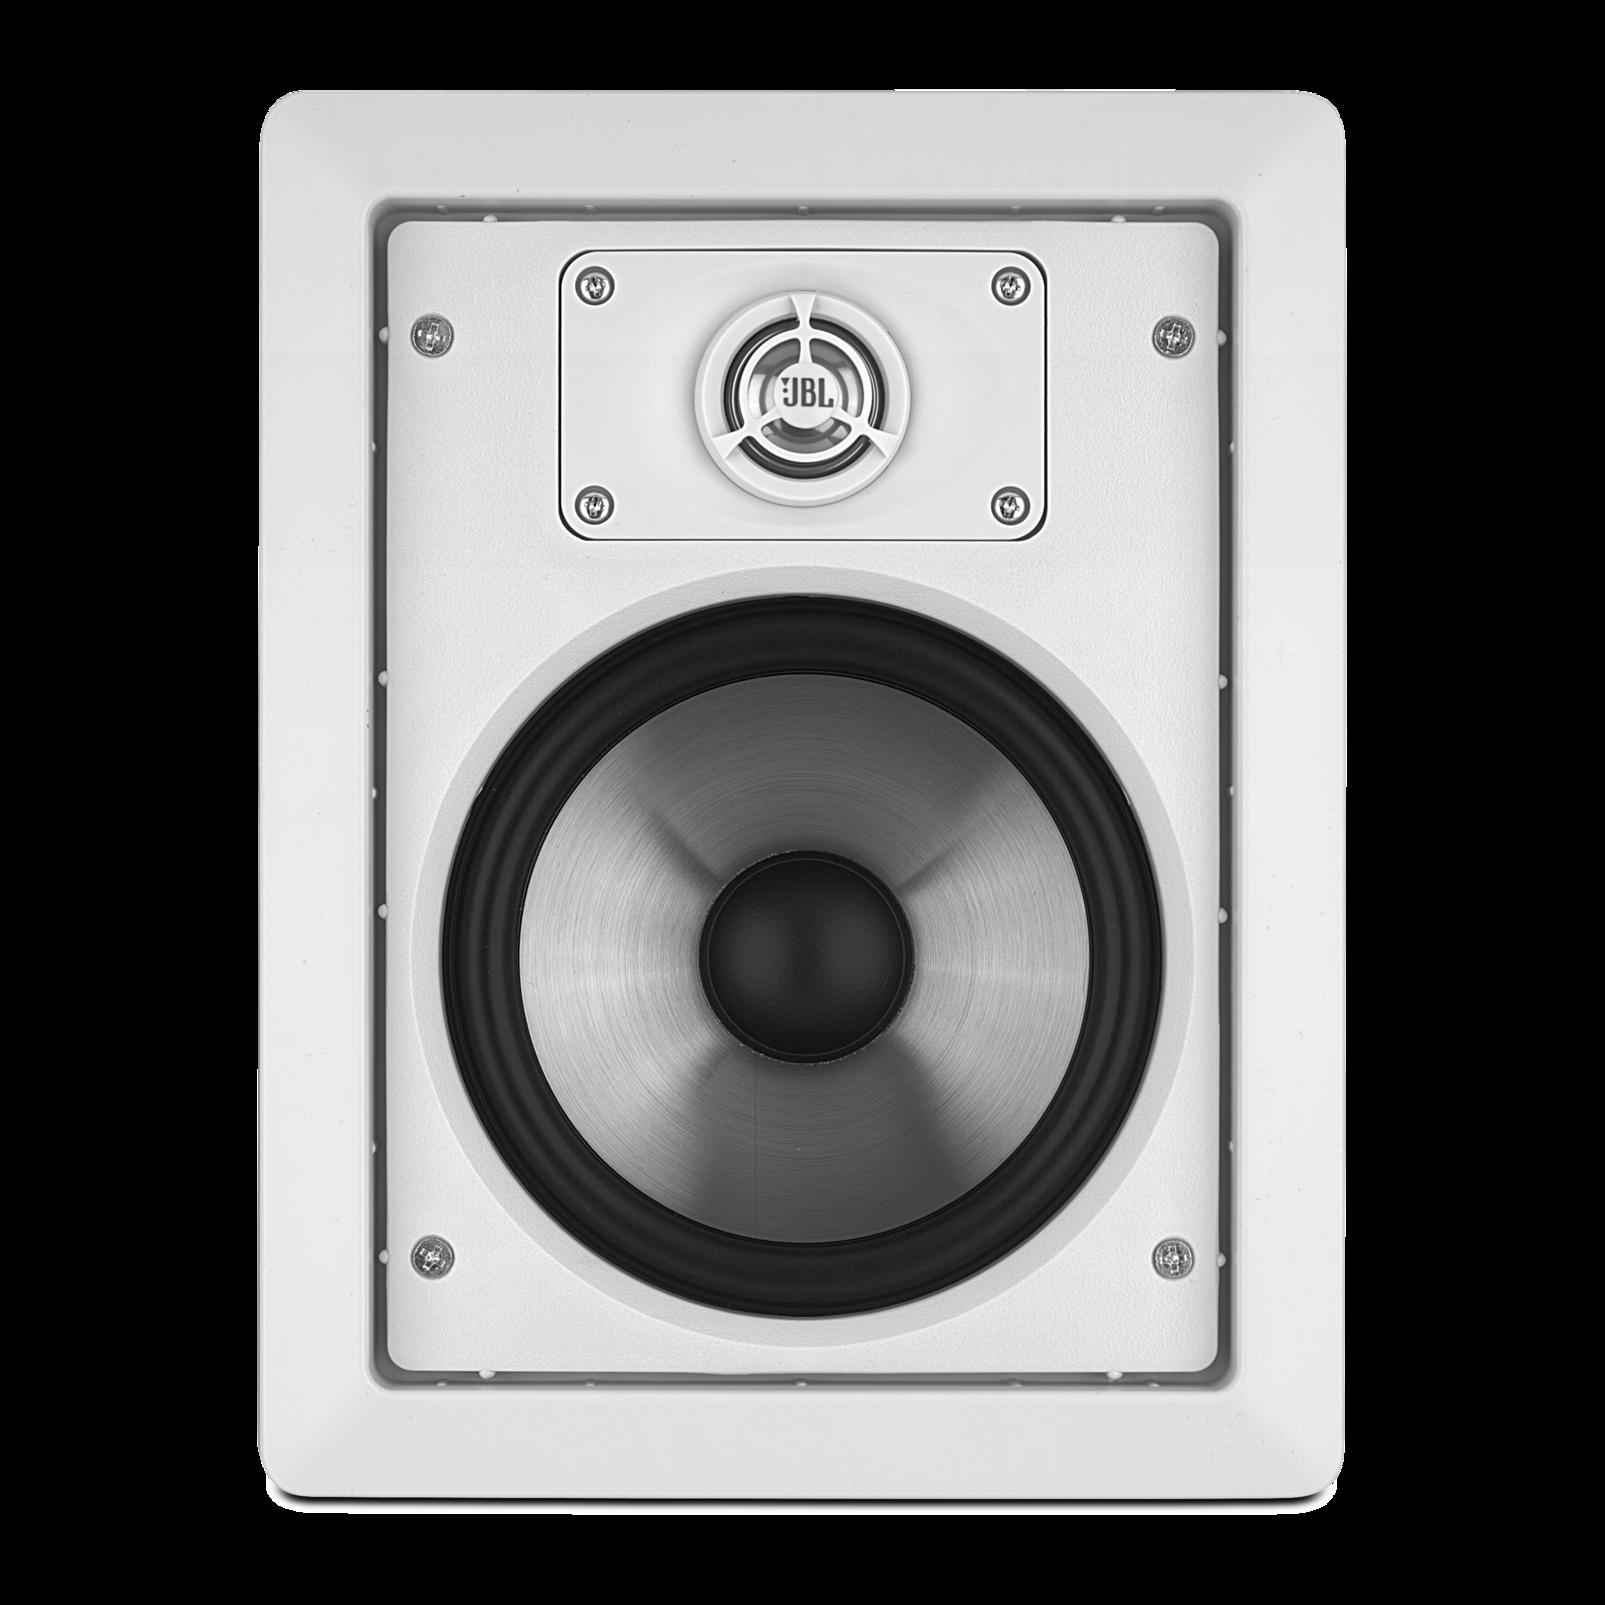 SOUNDPOINT SP 6 II - Black - 2-Way 6-1/2 inch In-Wall Speaker - Hero